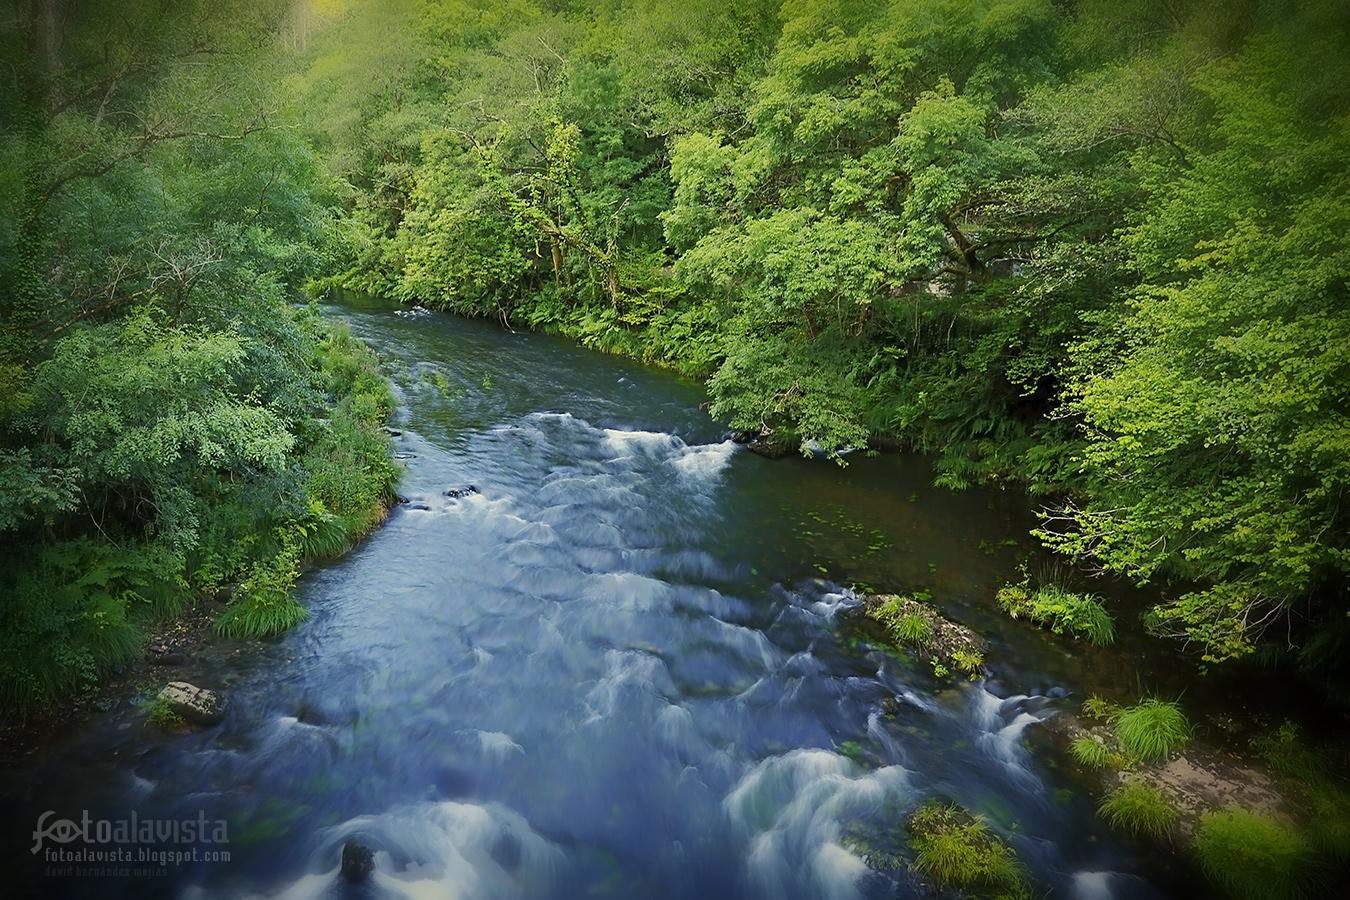 El río que surca oscuro - Fotografía